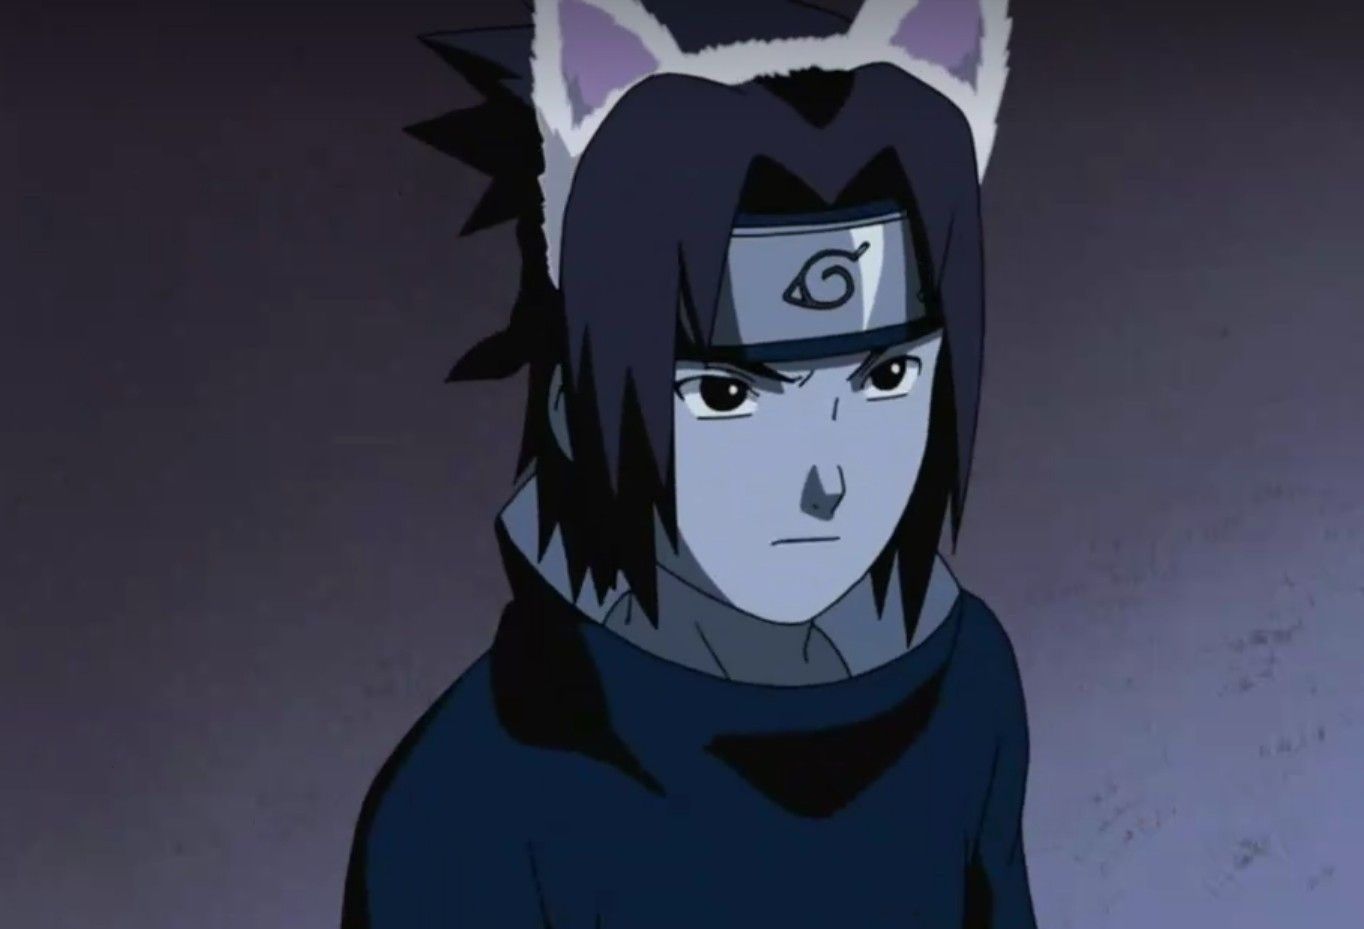 Sasuke Uchiha Disfrazado De Gato Personagens De Anime Orelhas De Gato Sasuke Uchiha